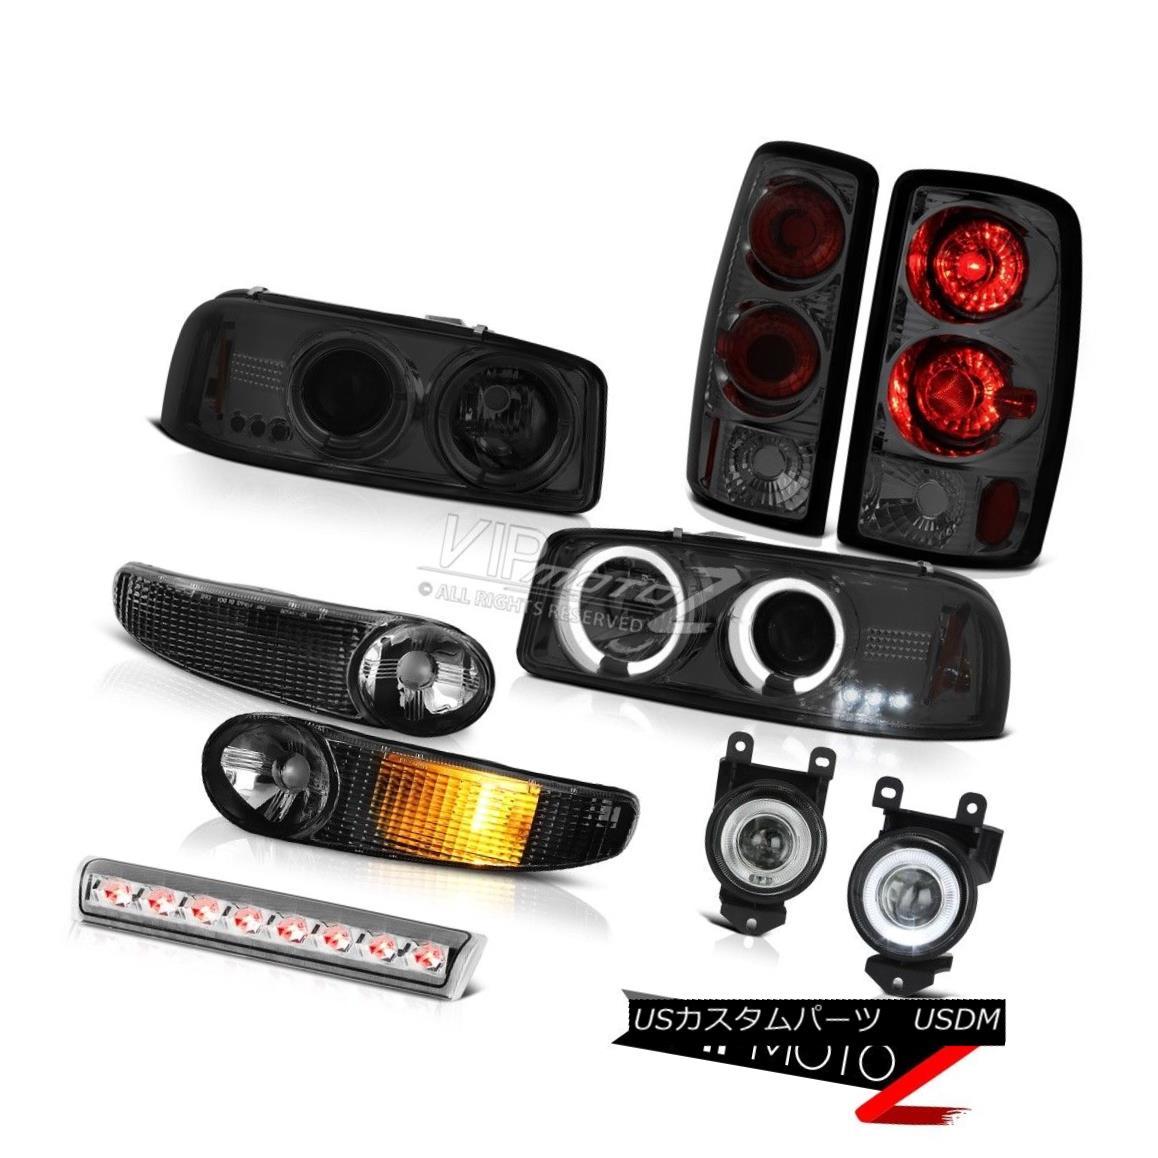 ヘッドライト Halo LED Projector Headlights Bumper Altezza Tail Lights FogLamp 01-06 GMC Yukon Halo LEDプロジェクターヘッドライトバンパーAltezza Tail Lights FogLamp 01-06 GMC Yukon